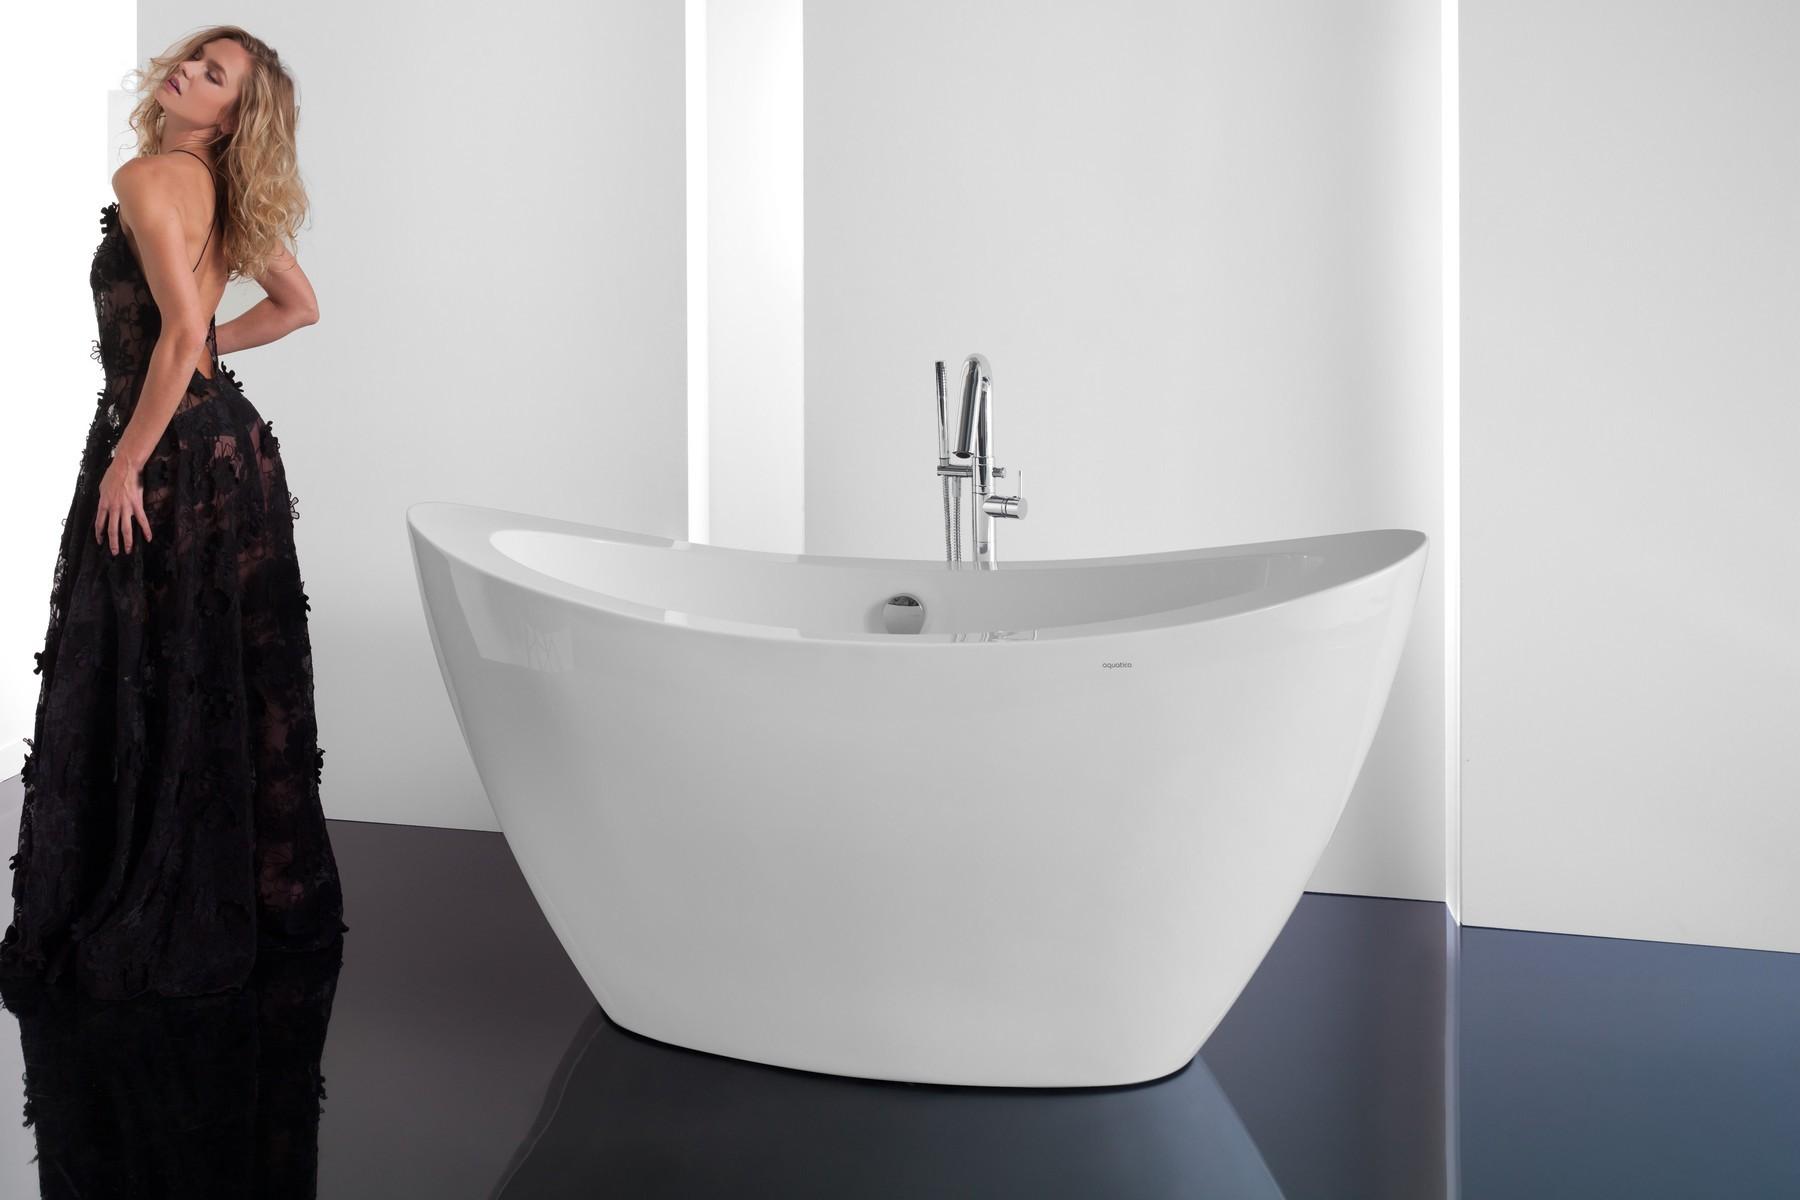 Free Standing Acrylic Bathtubs Canada - Bathtub Ideas